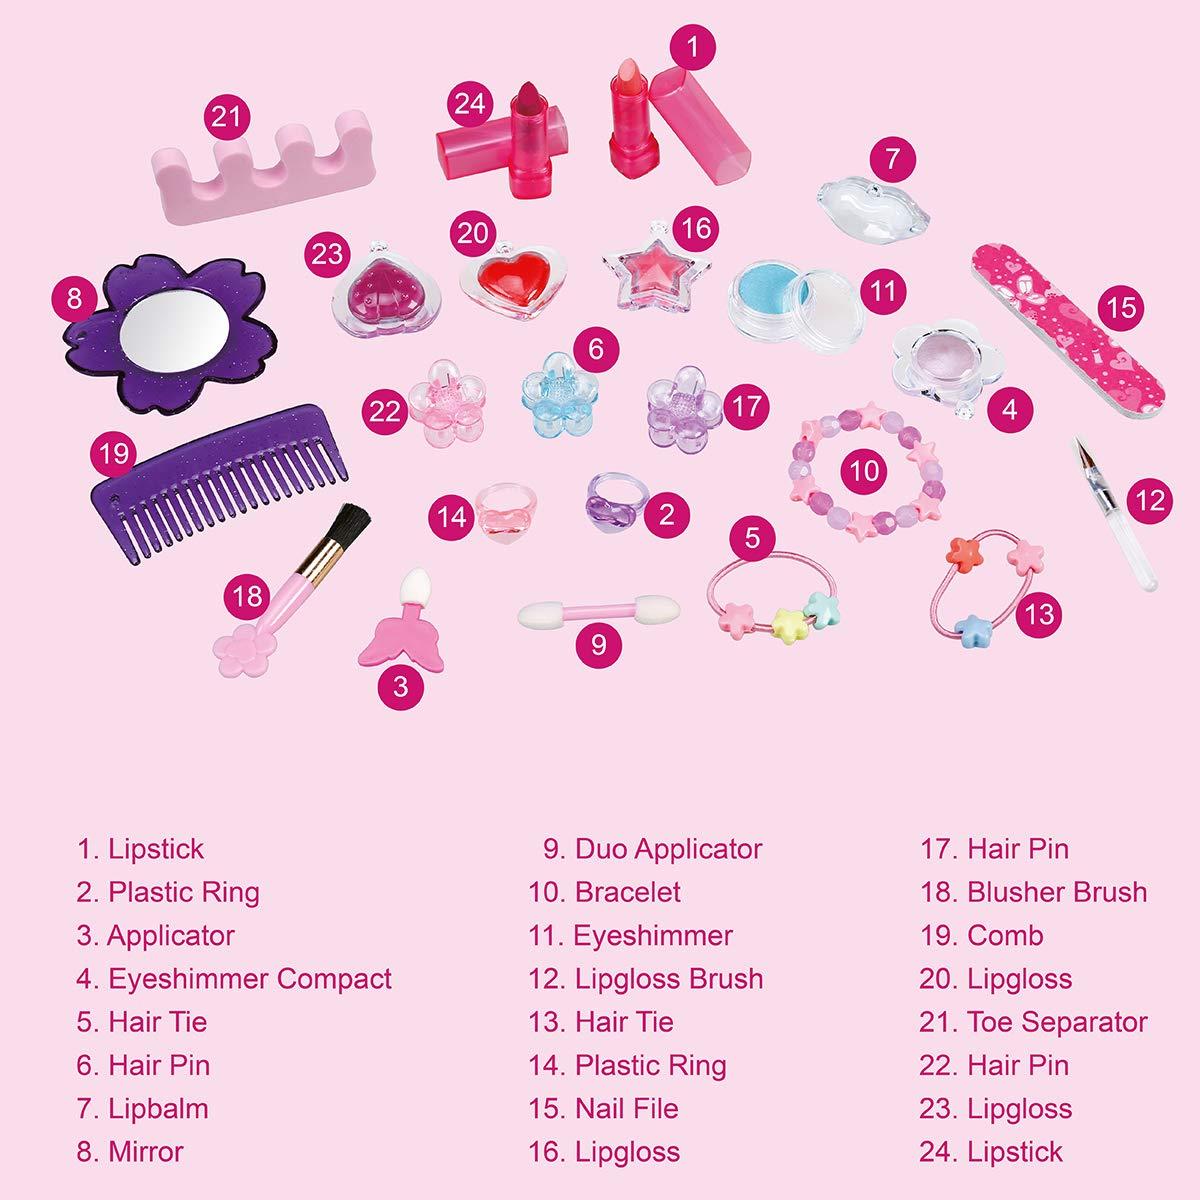 Inhalt LITTLE PRINCESS Beauty Adventskalender für Mädchen 2014